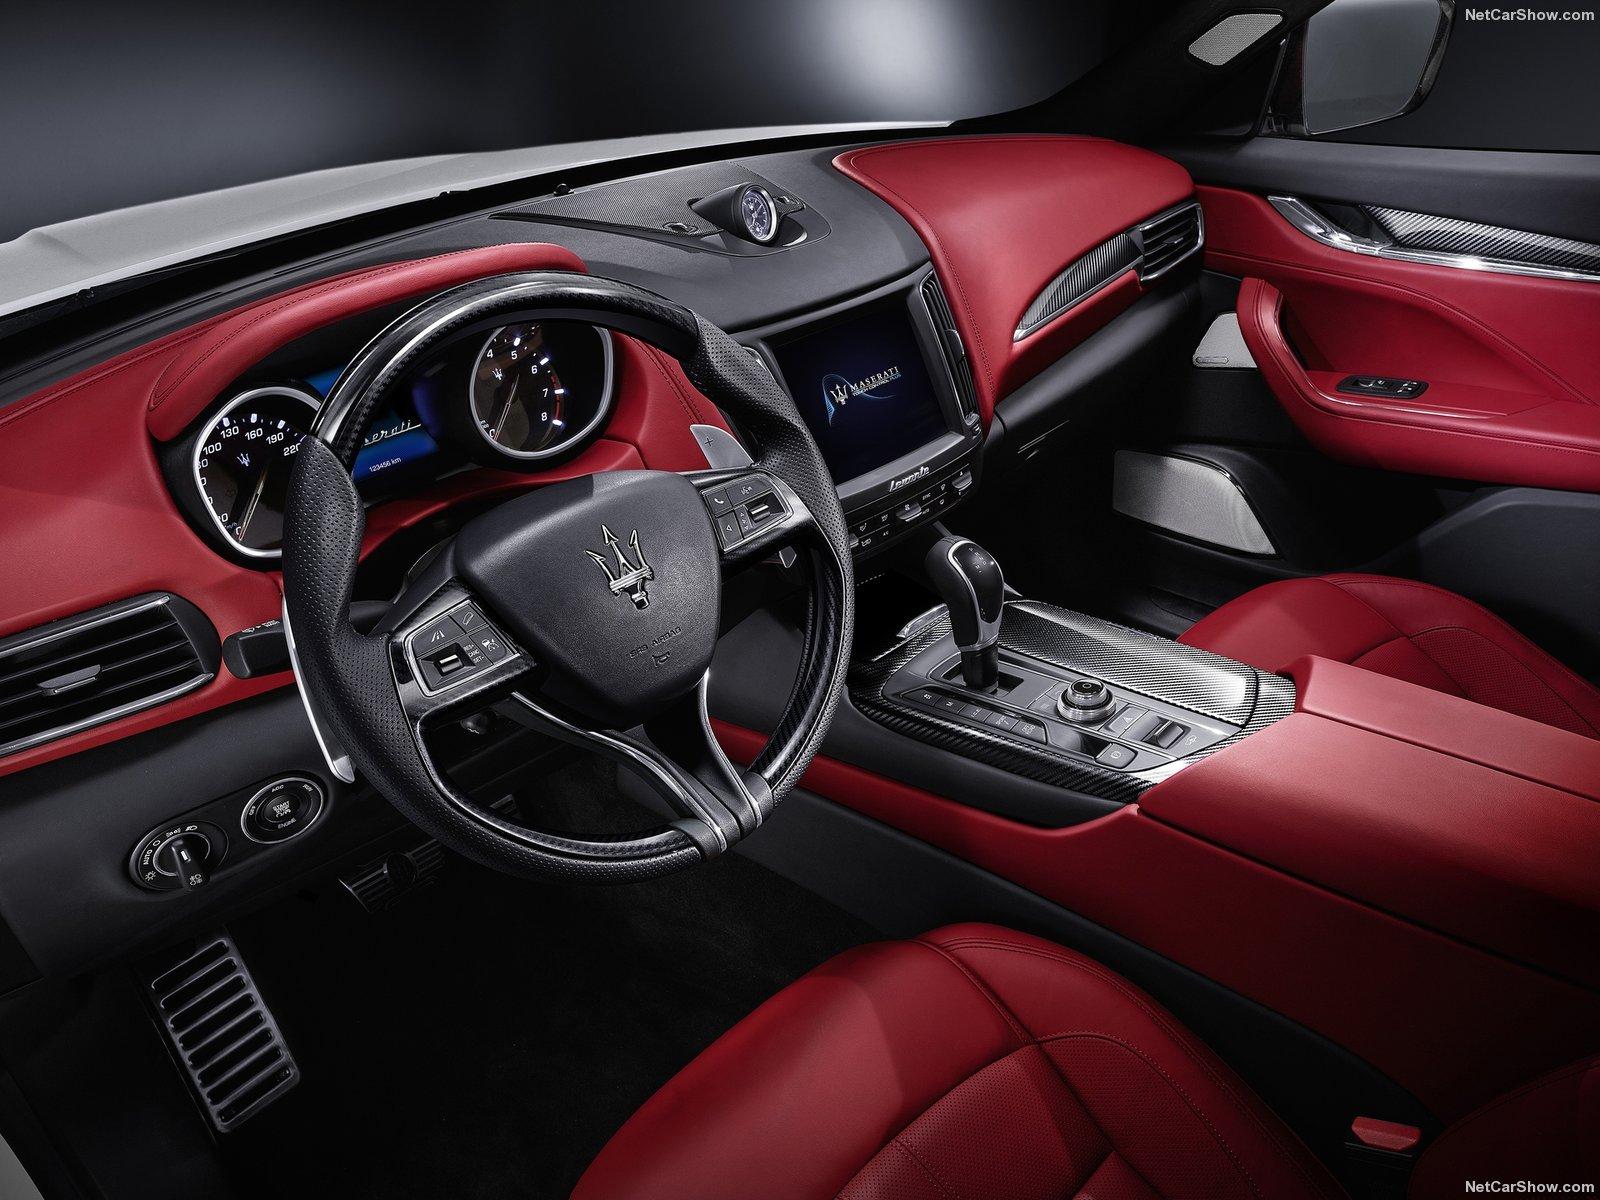 Maserati-Levante_2017_1600x1200_wallpaper_0b